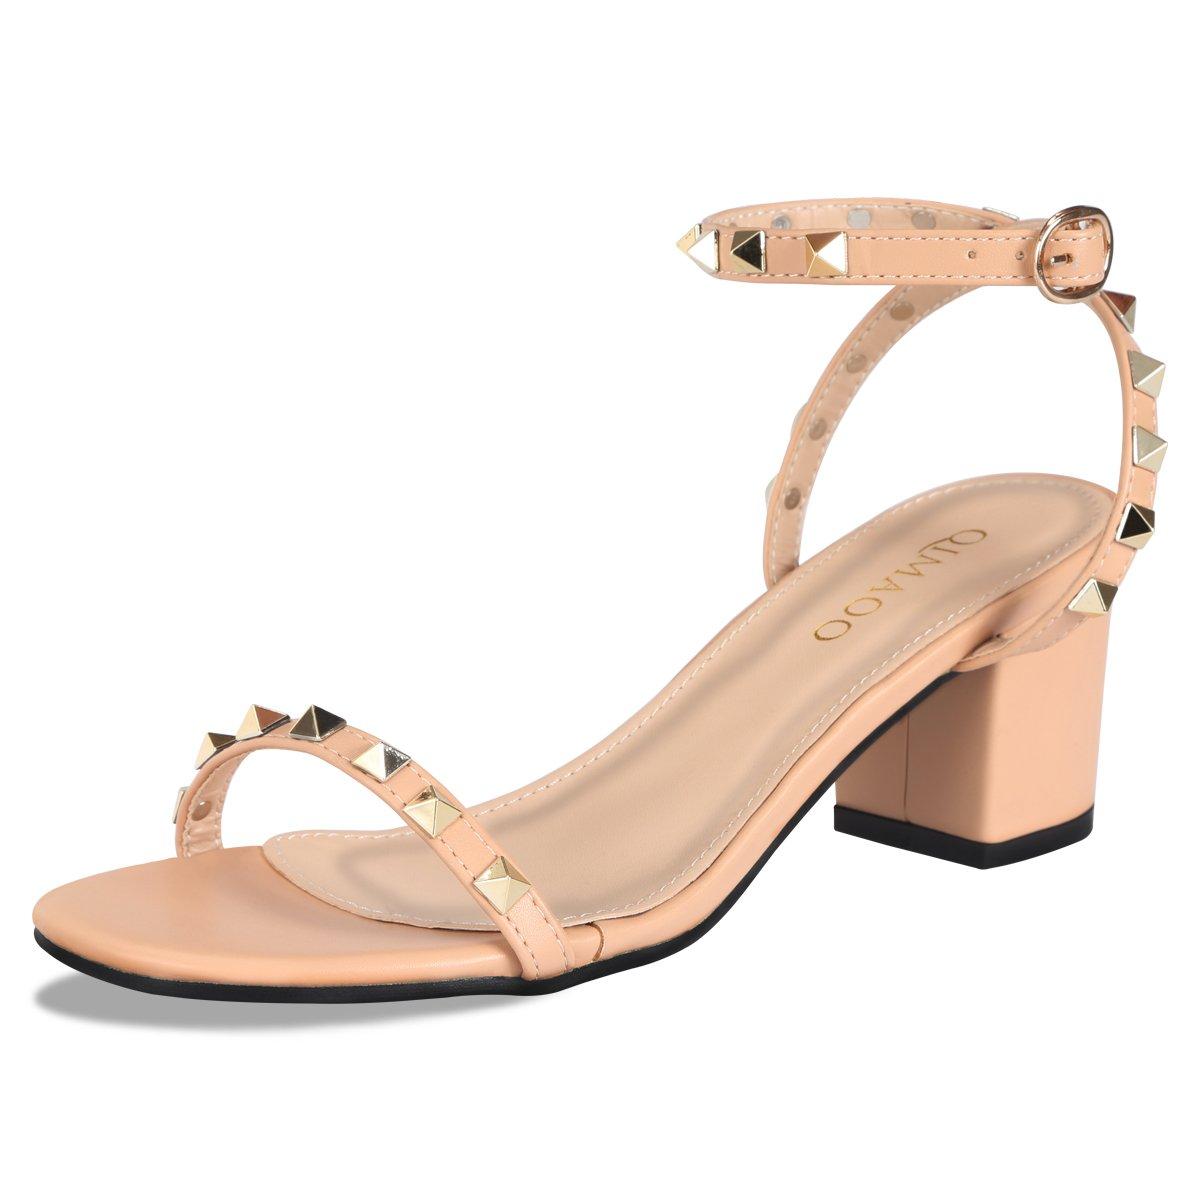 Qimaoo Femme Mariage Été 6cm Sandales à Talon Carré, Chaussures Chair(rivet) à Haut Talon de 6cm pour Mariage Soirée Fête Chair(rivet) de47d36 - piero.space